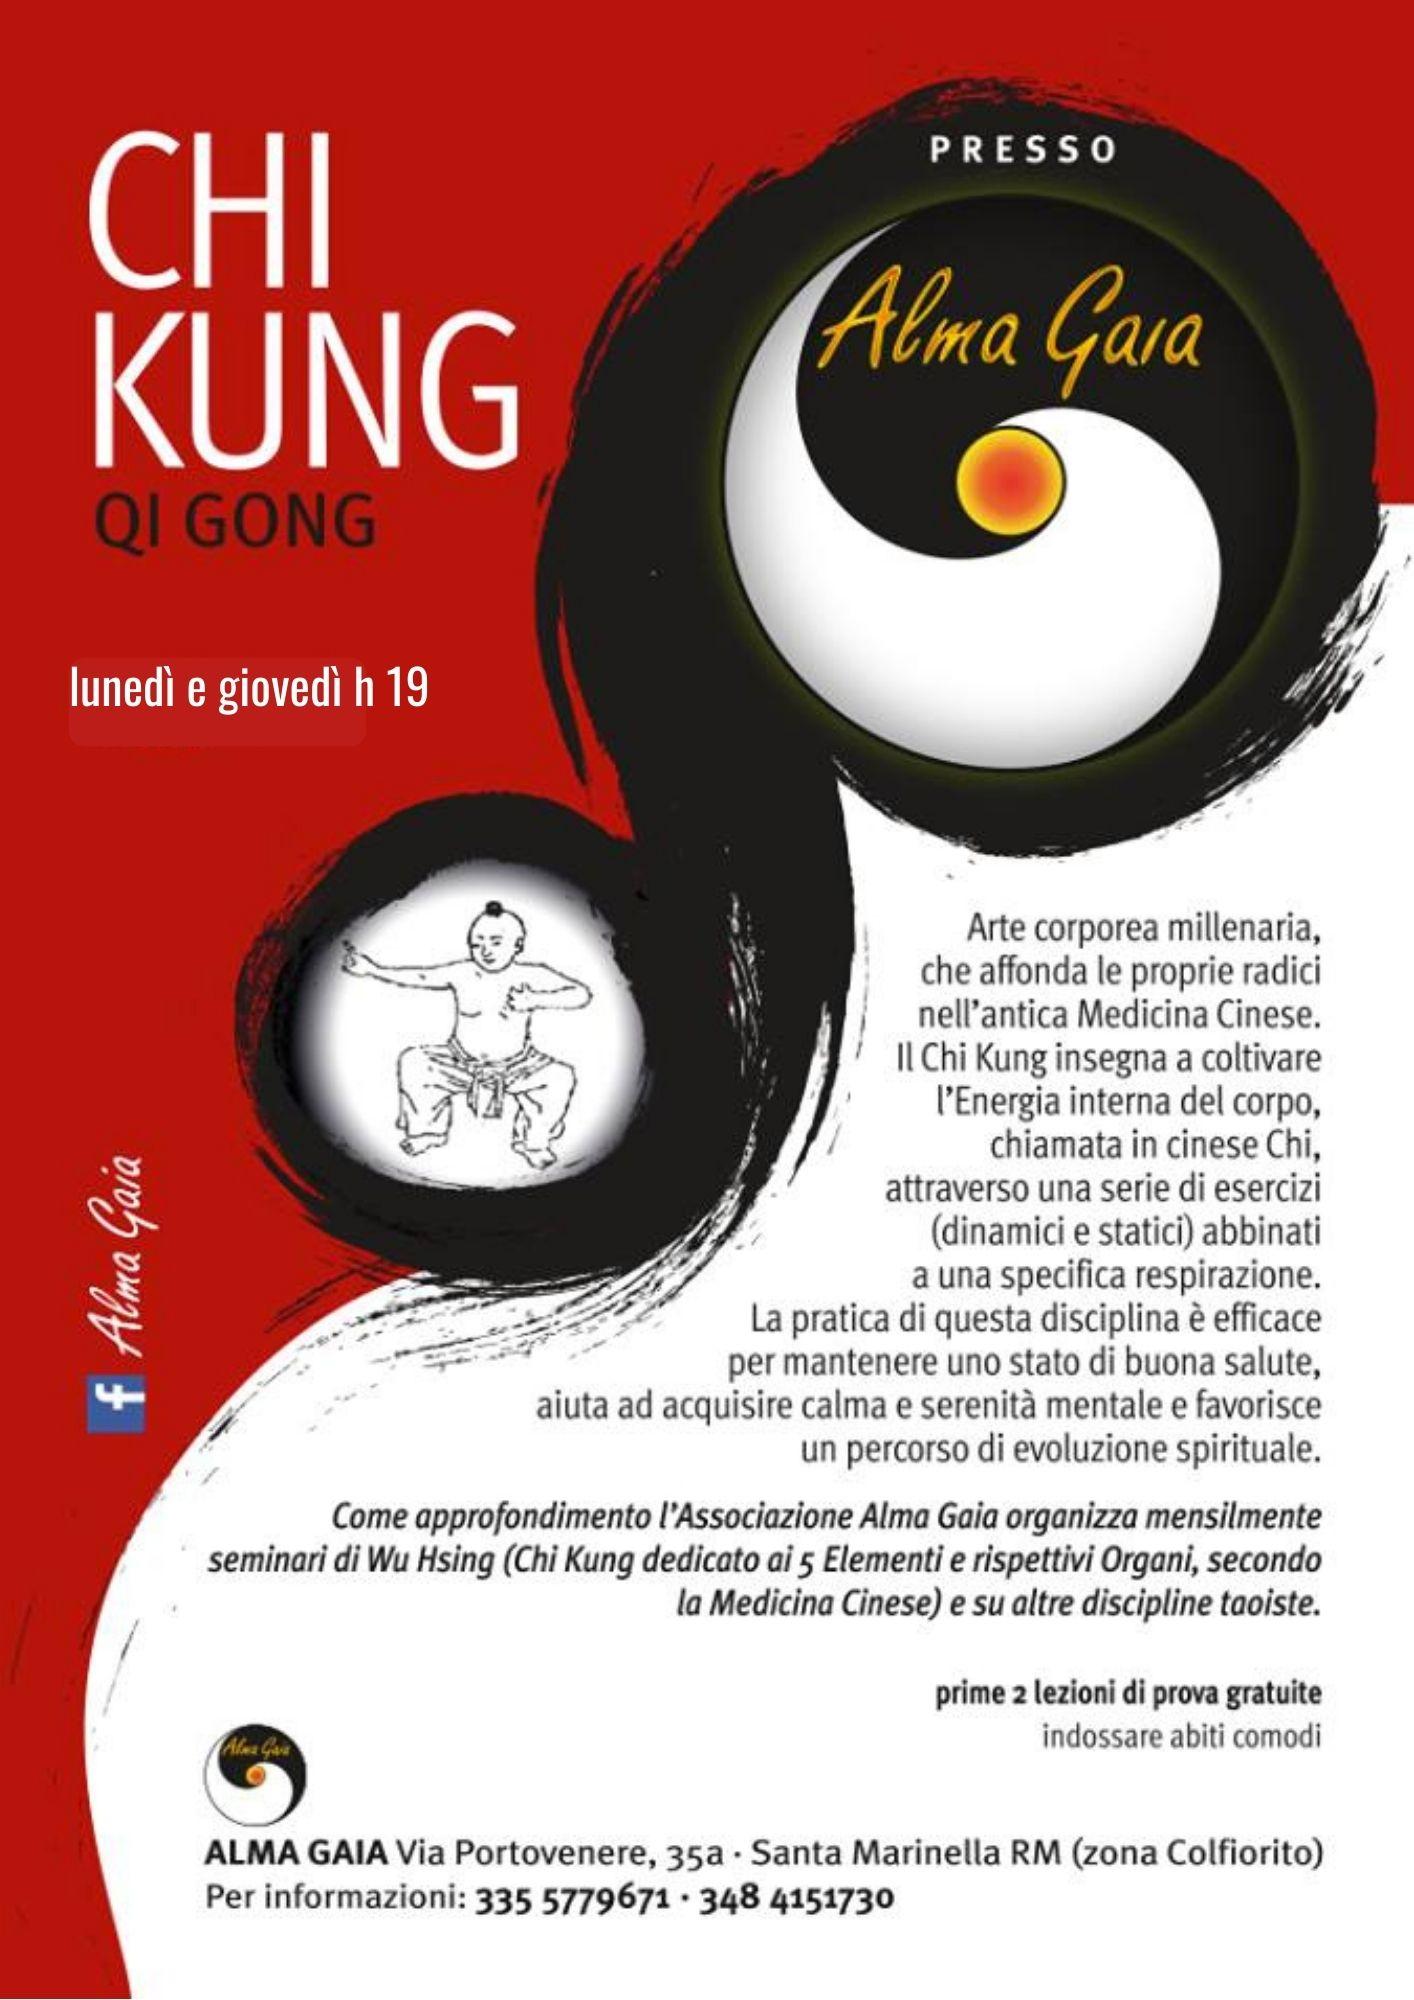 CHI KUNG (QIGONG)